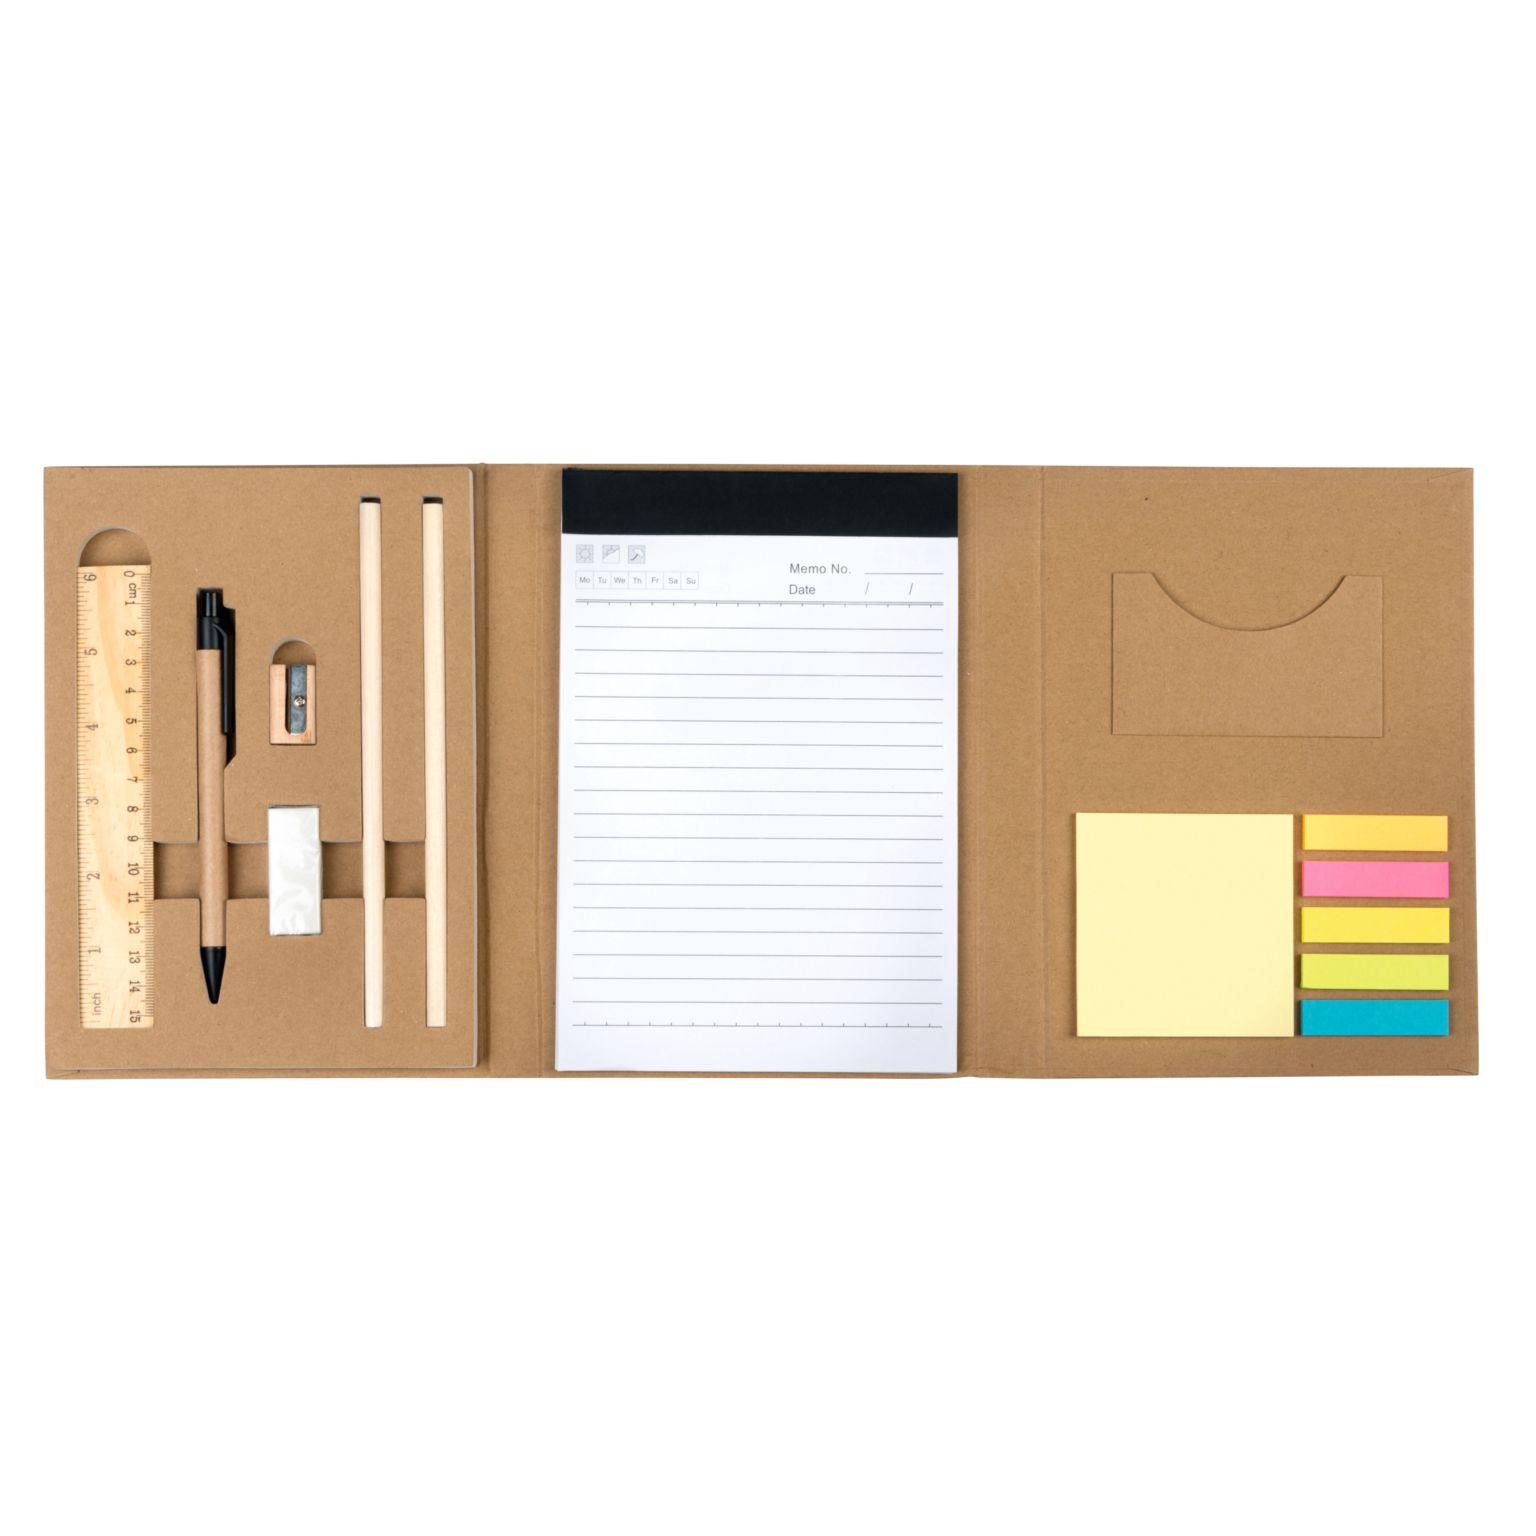 Set d'écriture SCHOOL DAYS par EG Diffusion 07210 BAIX Objets publicitaires et Cadeaux d'affaires Textile, PLV, Goodies, vêtement de travail, objets éco et durables , stylos , USB, multimédia